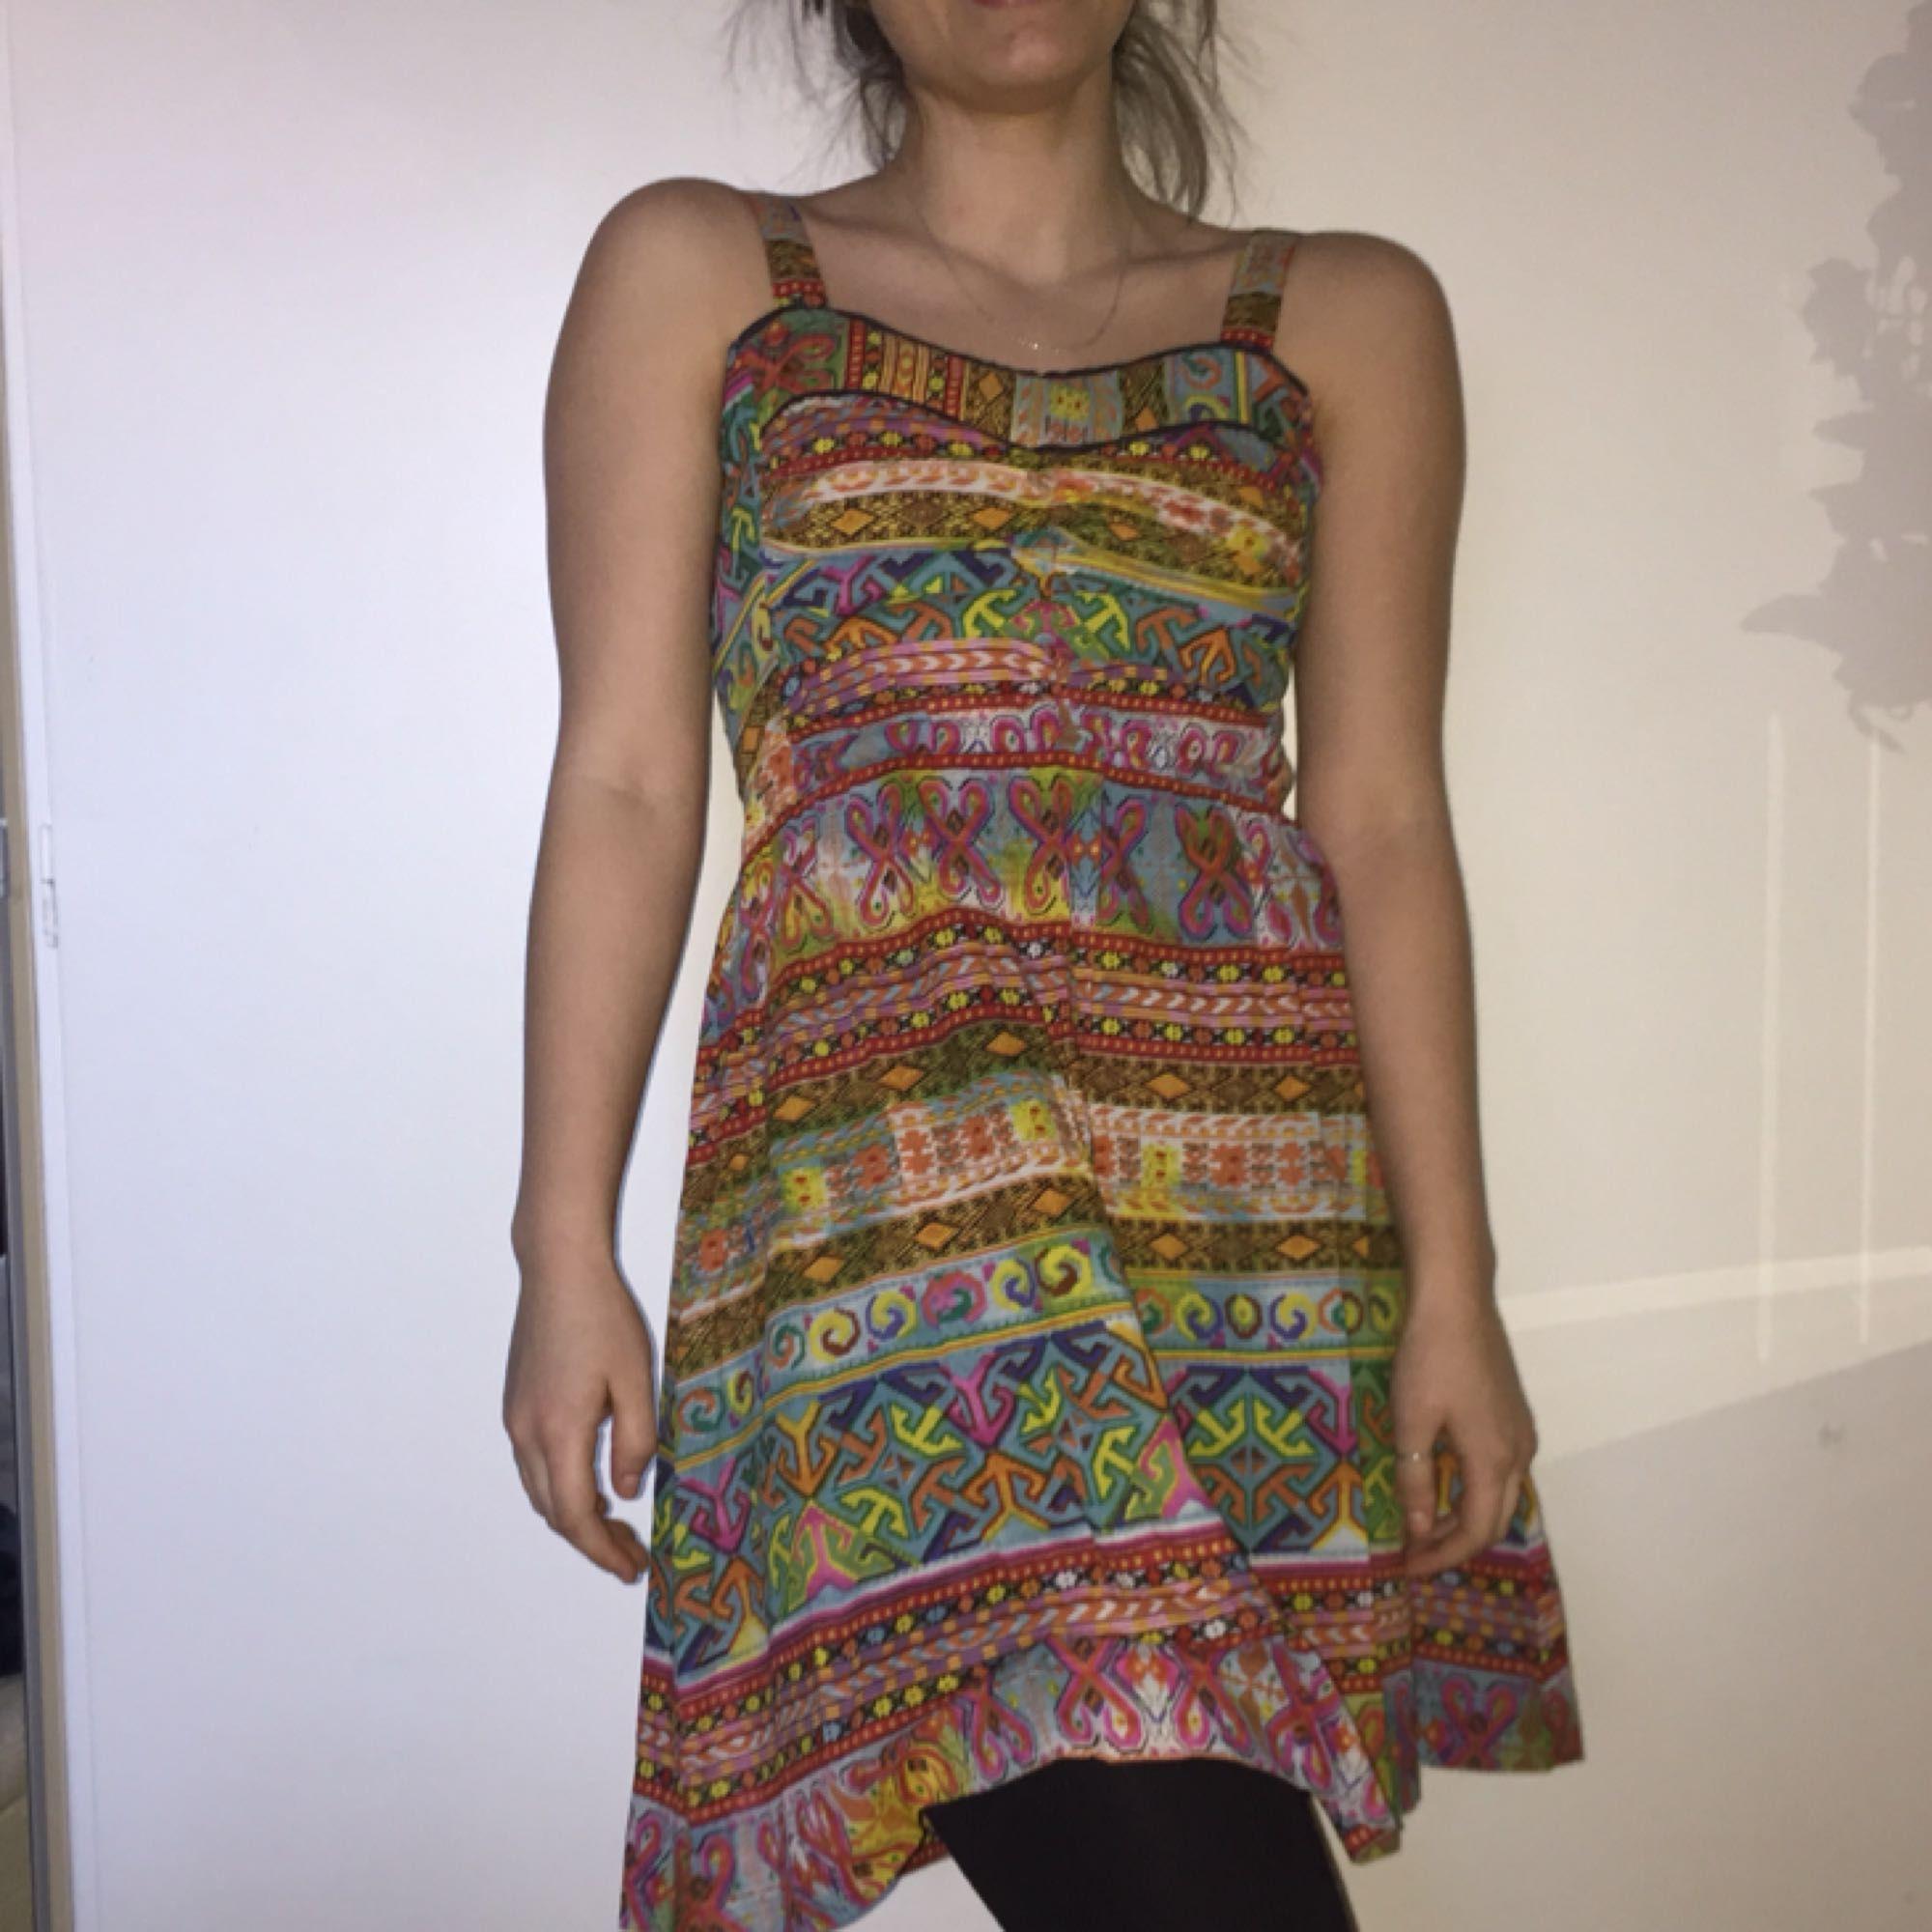 d94e948eac01 ... Rolig mönstrad klänning från Indiska. Strl XS/S. Plagget är knappt  använt och ...